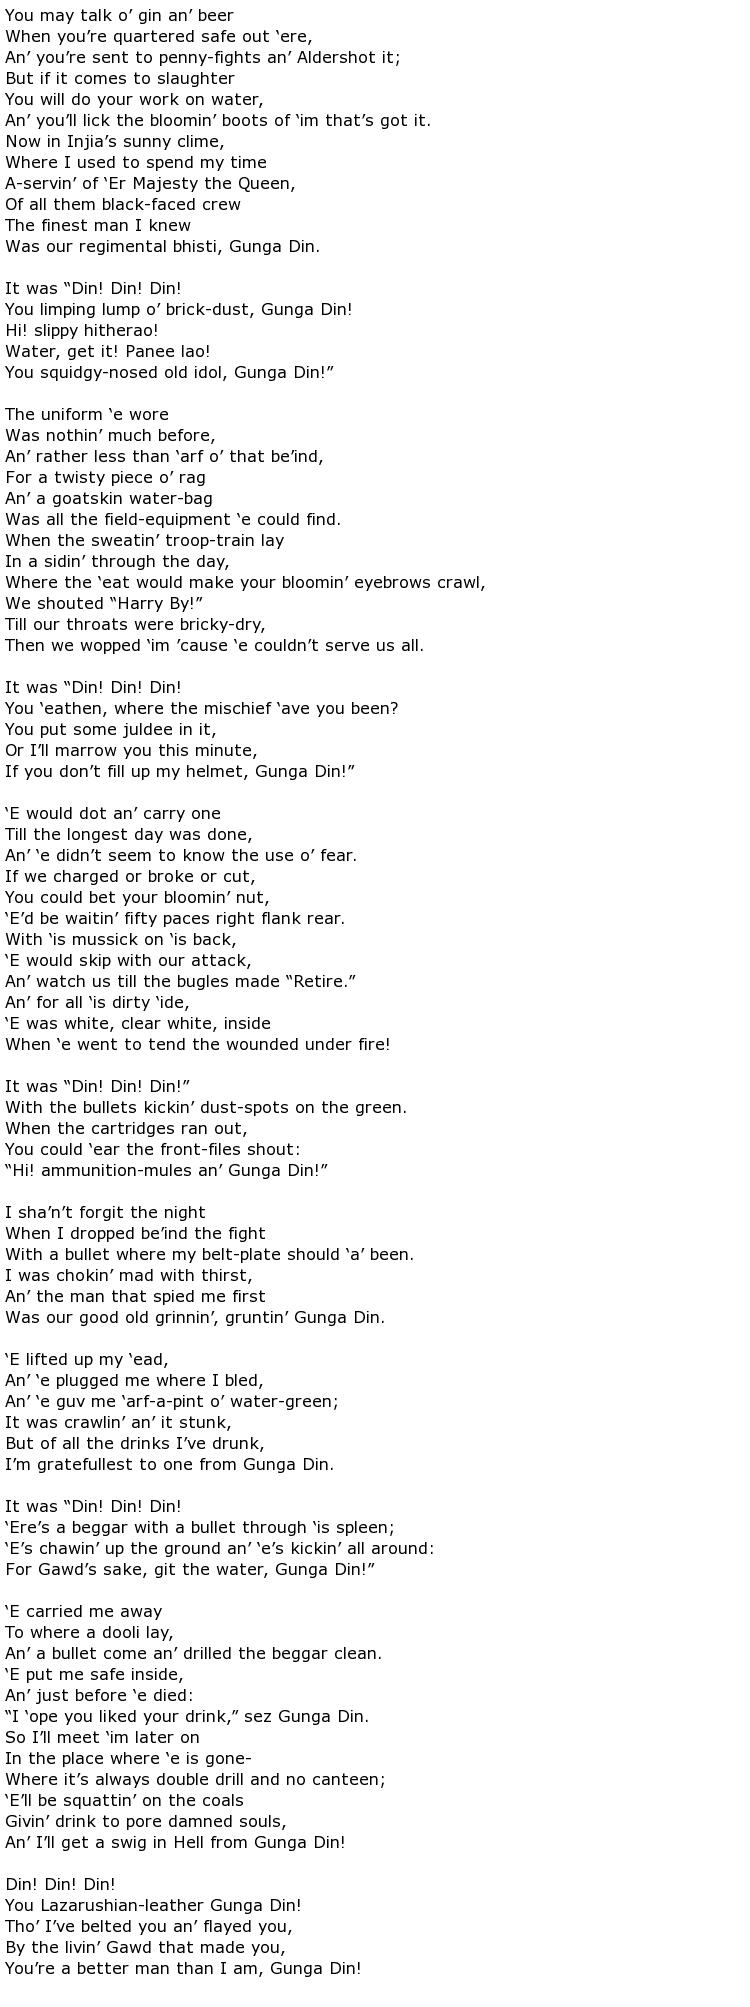 Rudyard Kipling Poems My Poetic Side